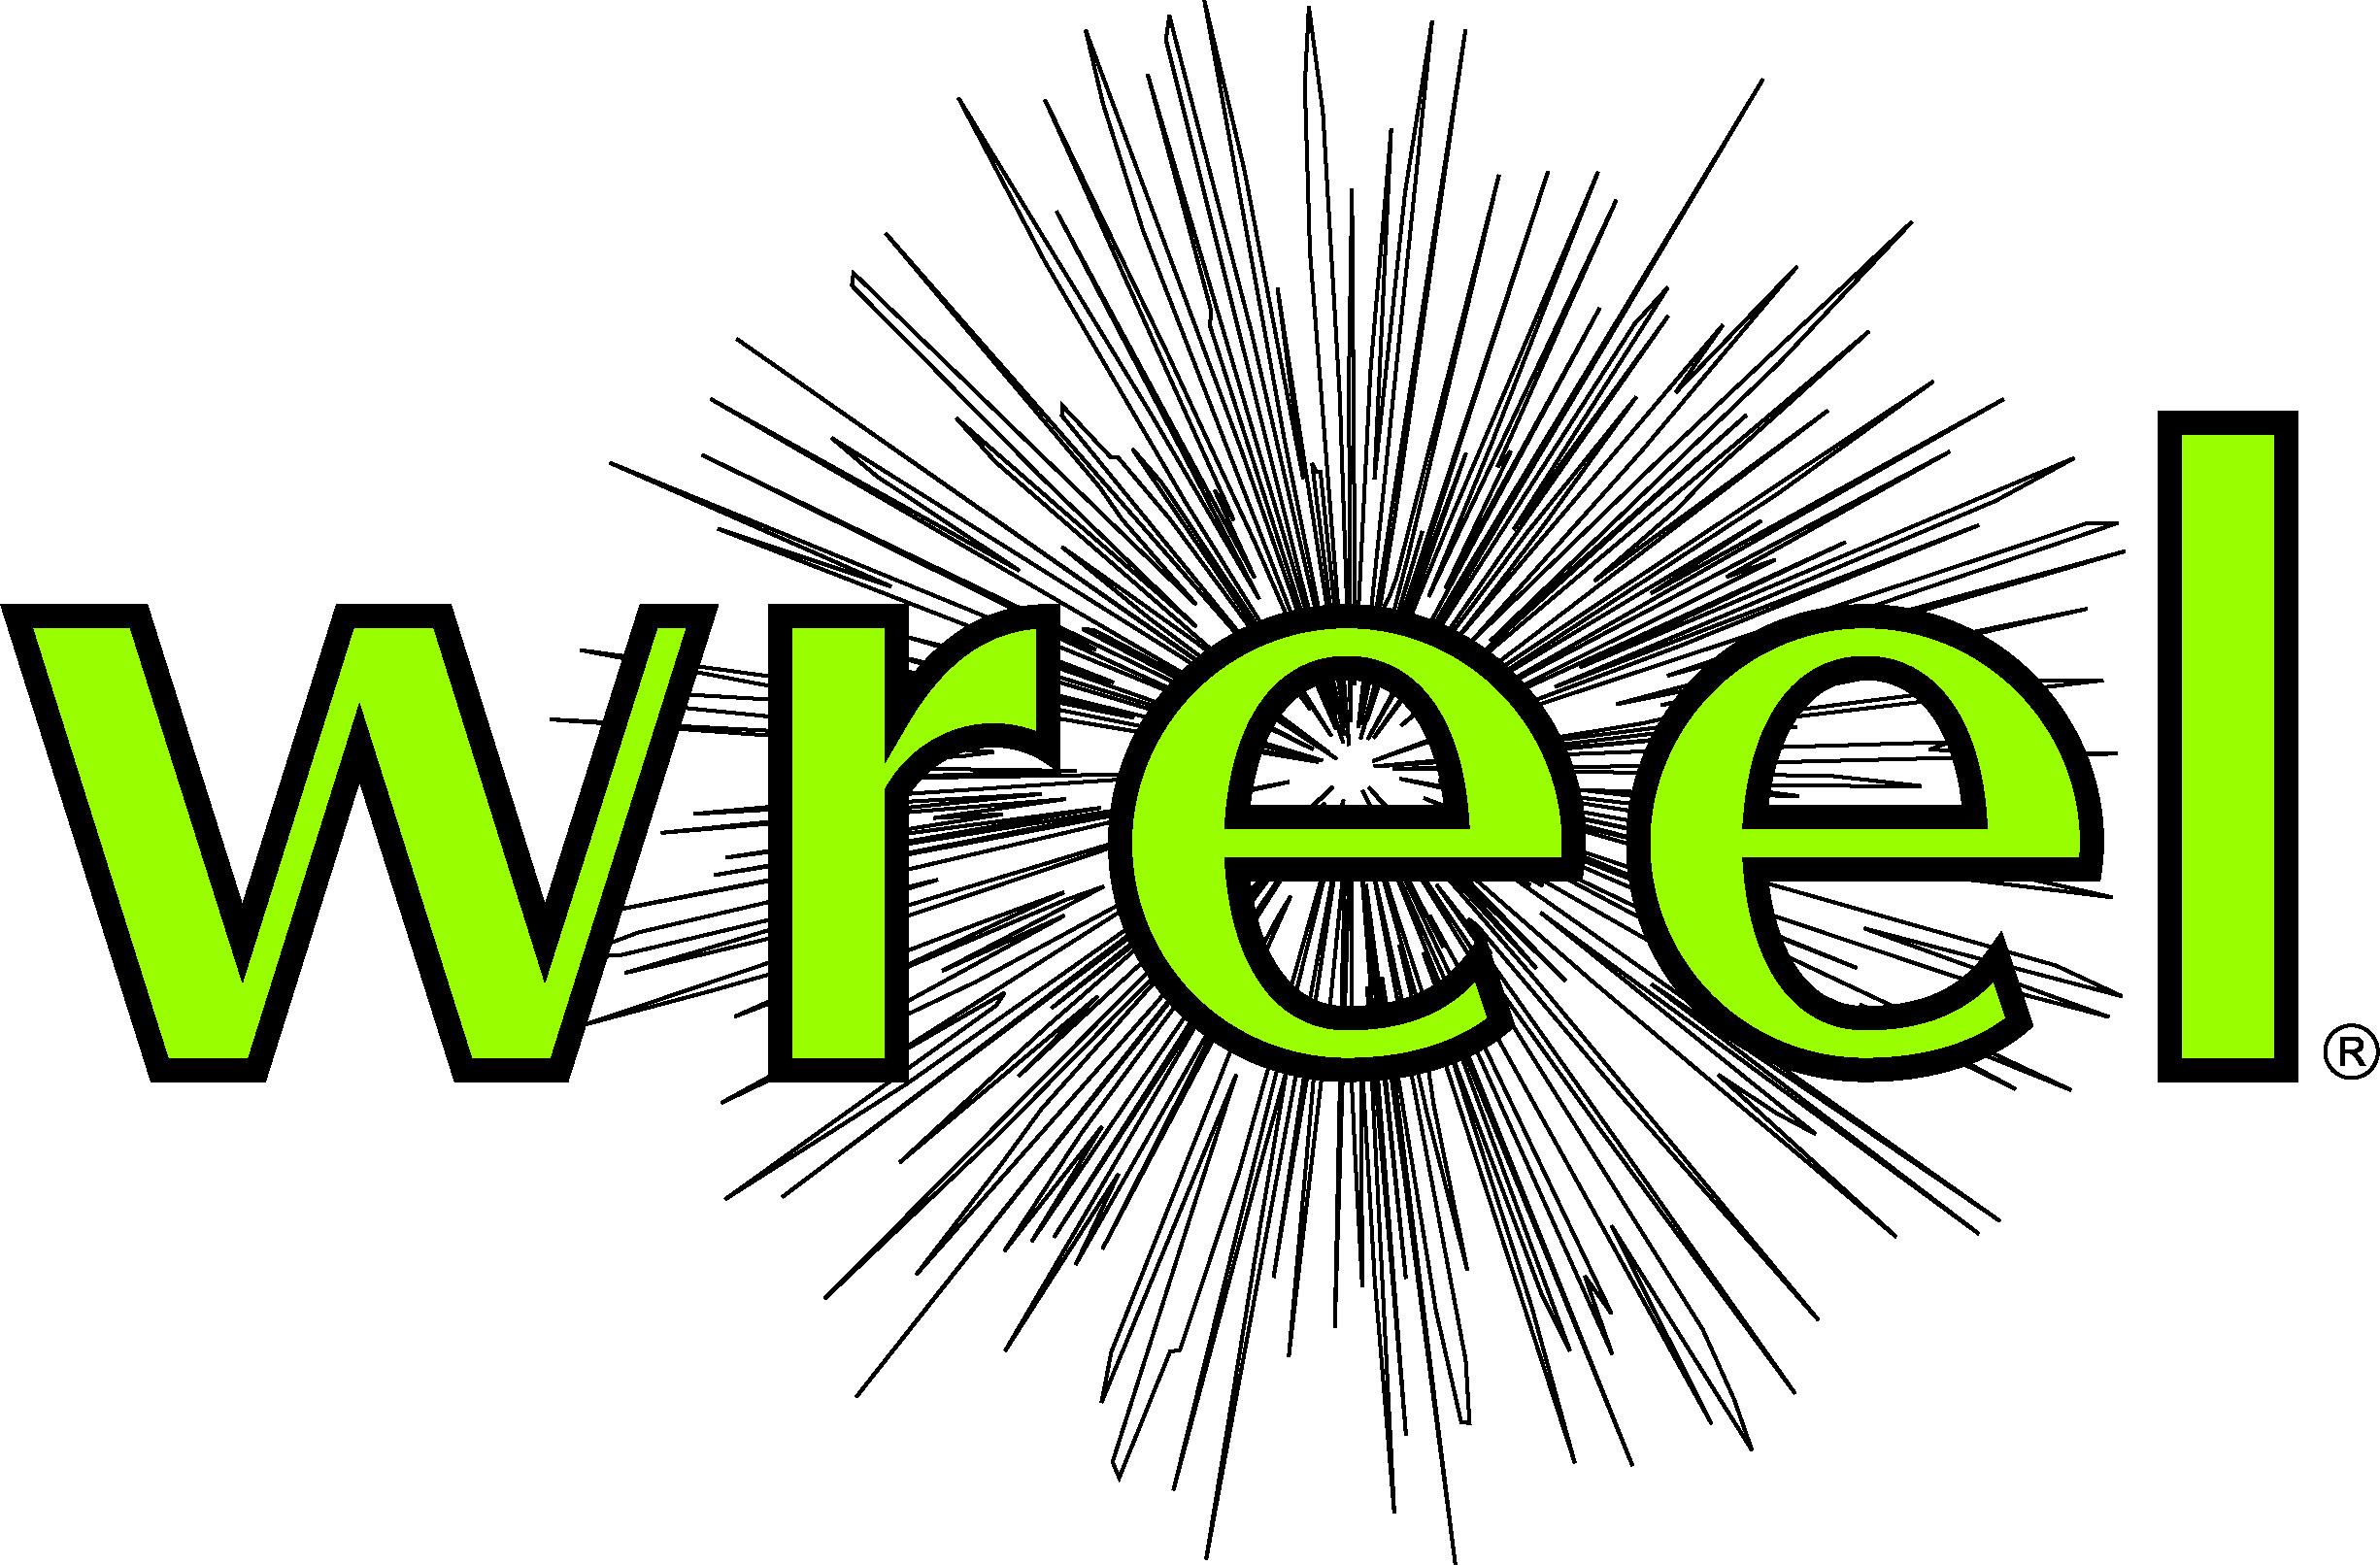 WREEL.JPG